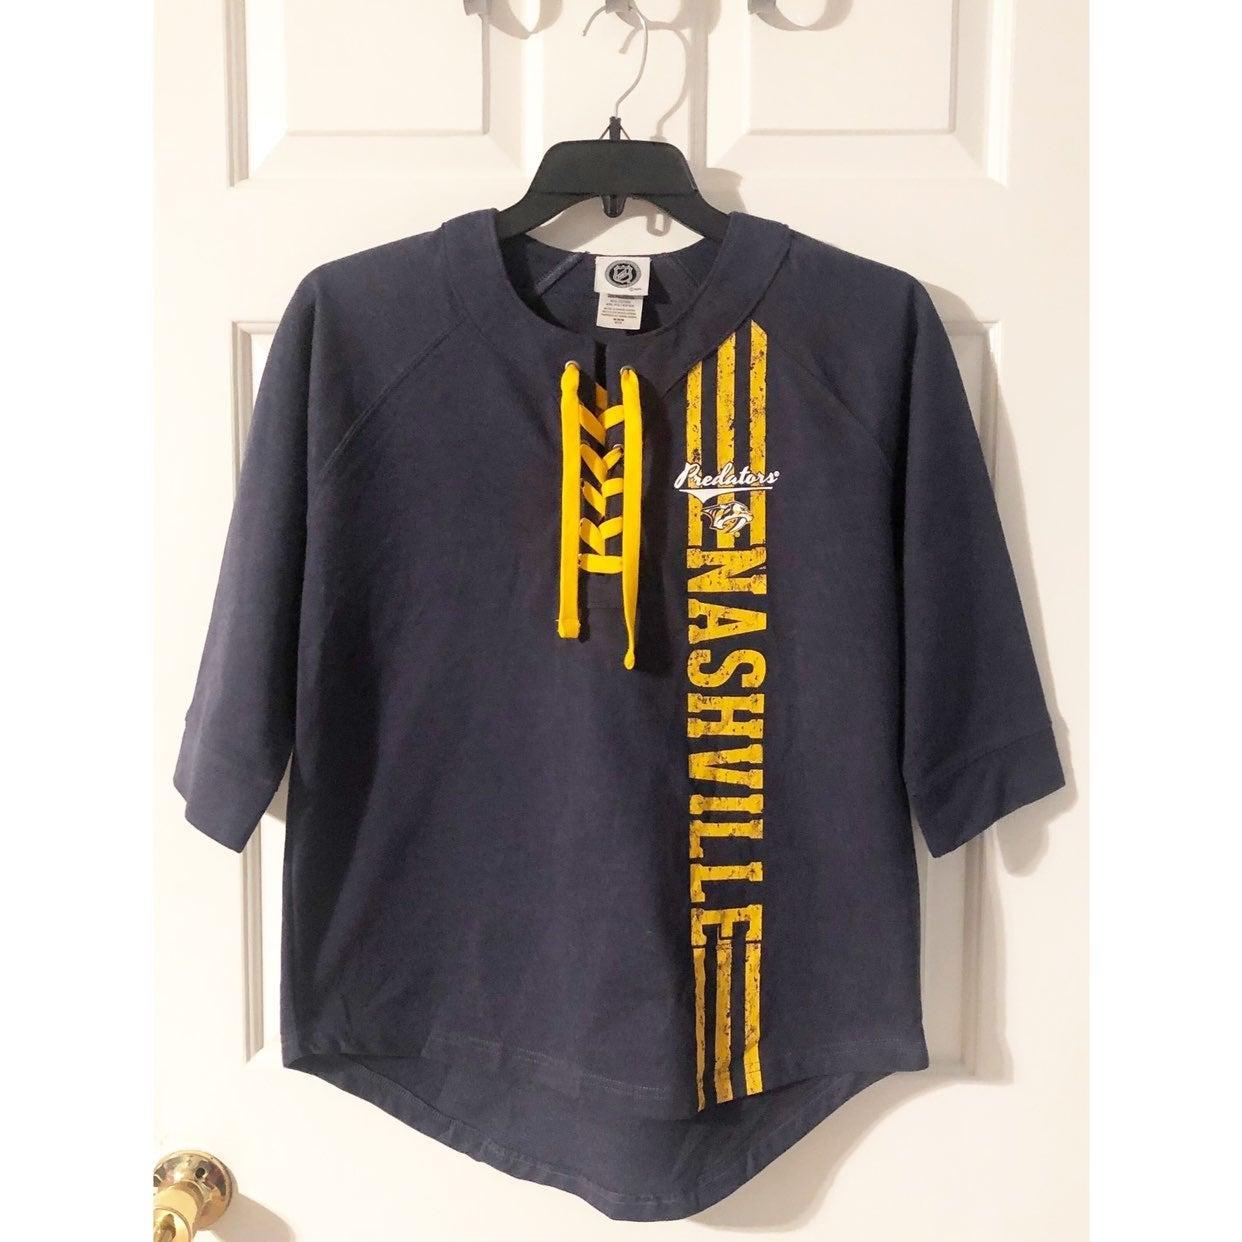 NHL Nashville Predators Shirt, Size M